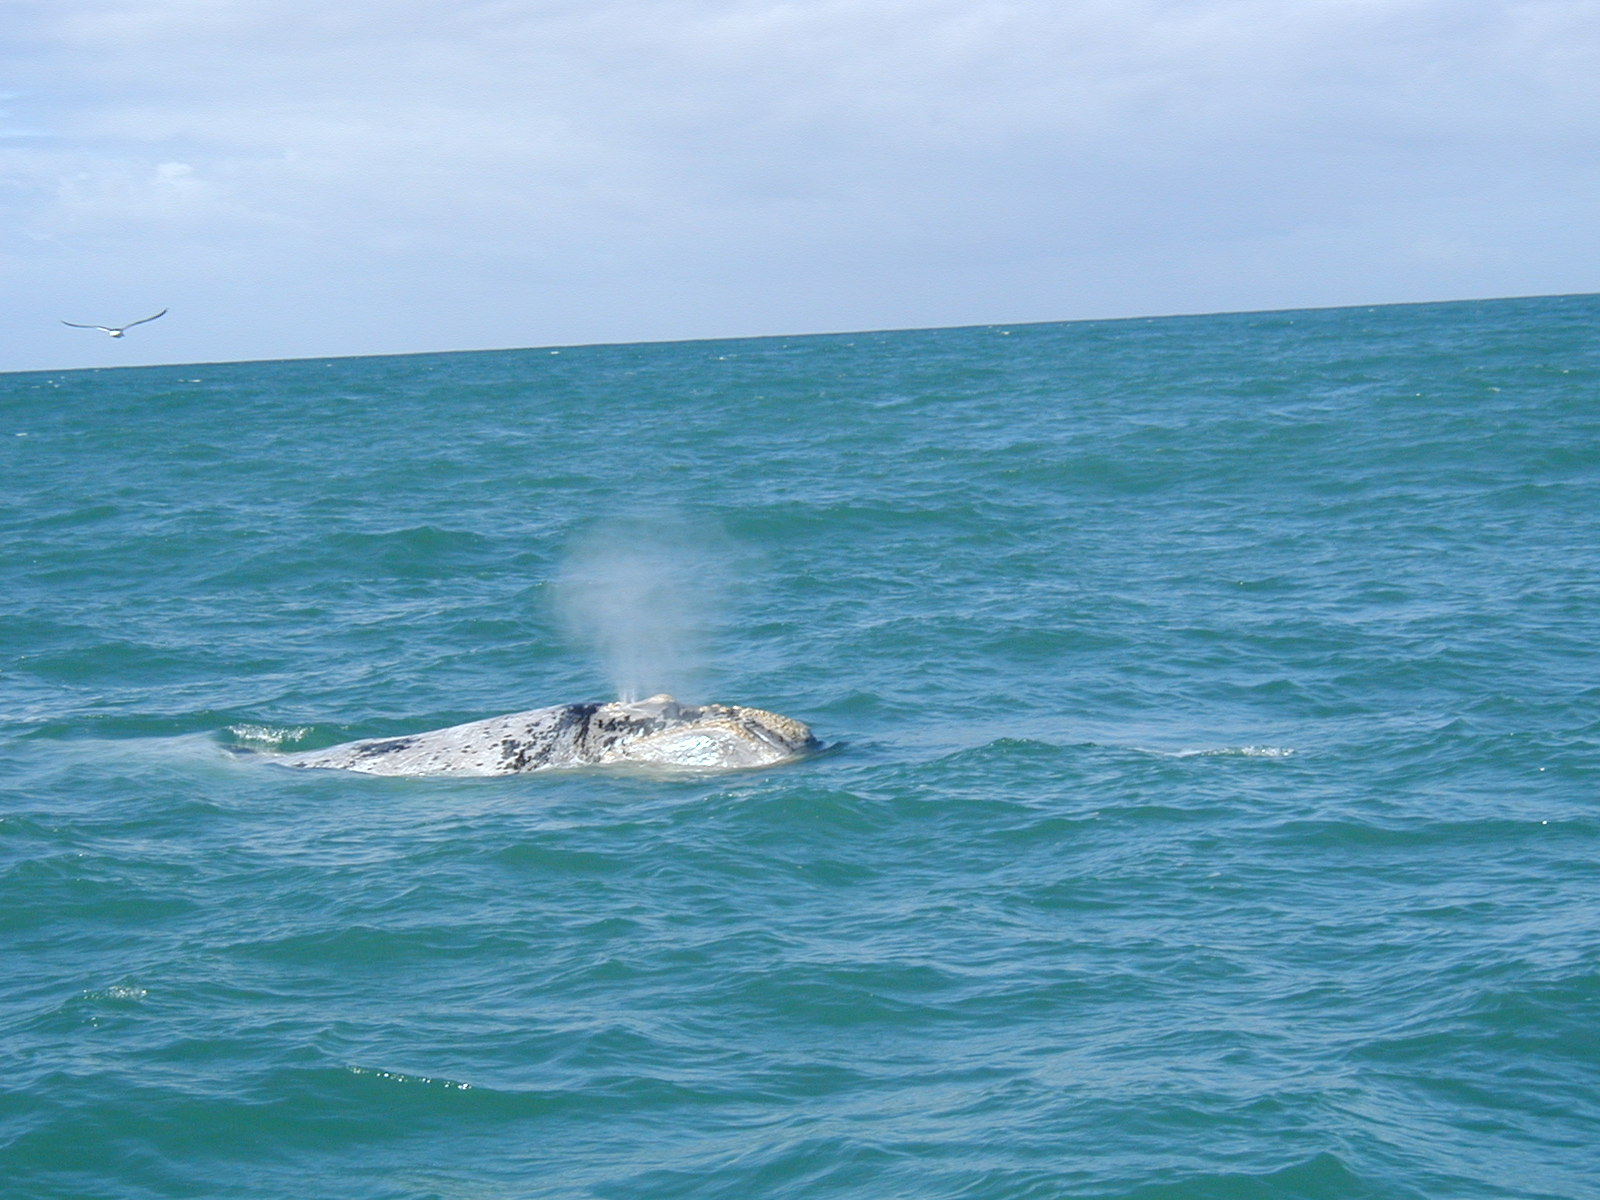 Activities spotting Whales in Jongensfontein